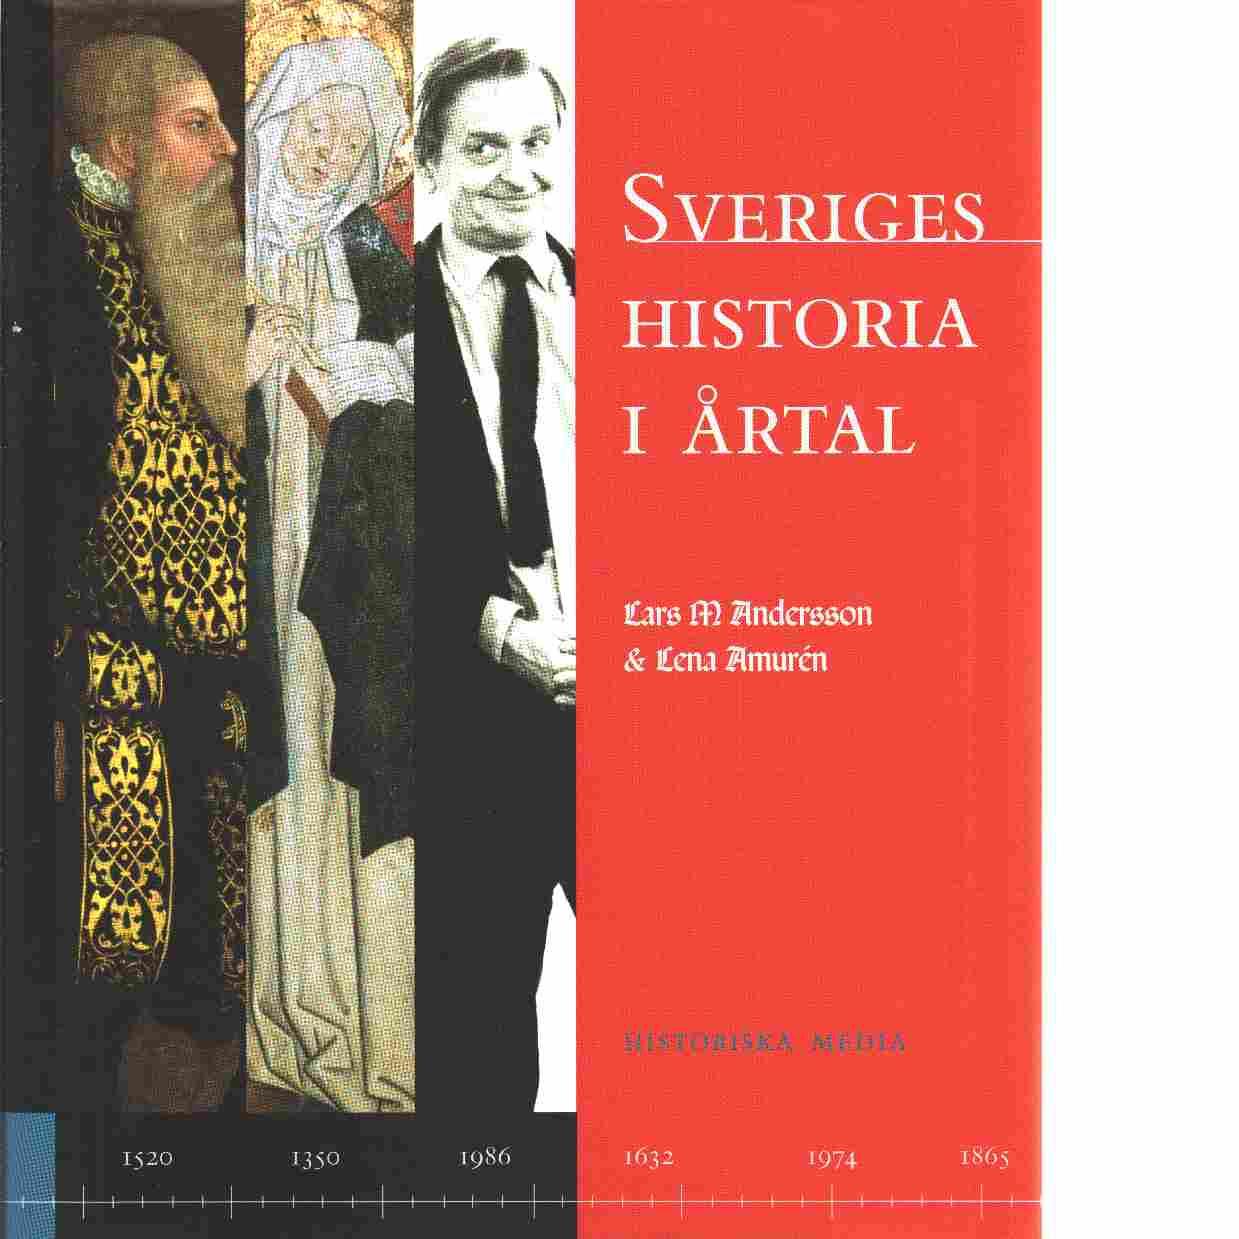 Sveriges historia i årtal - M Andersson & Lena Amurén, Lars